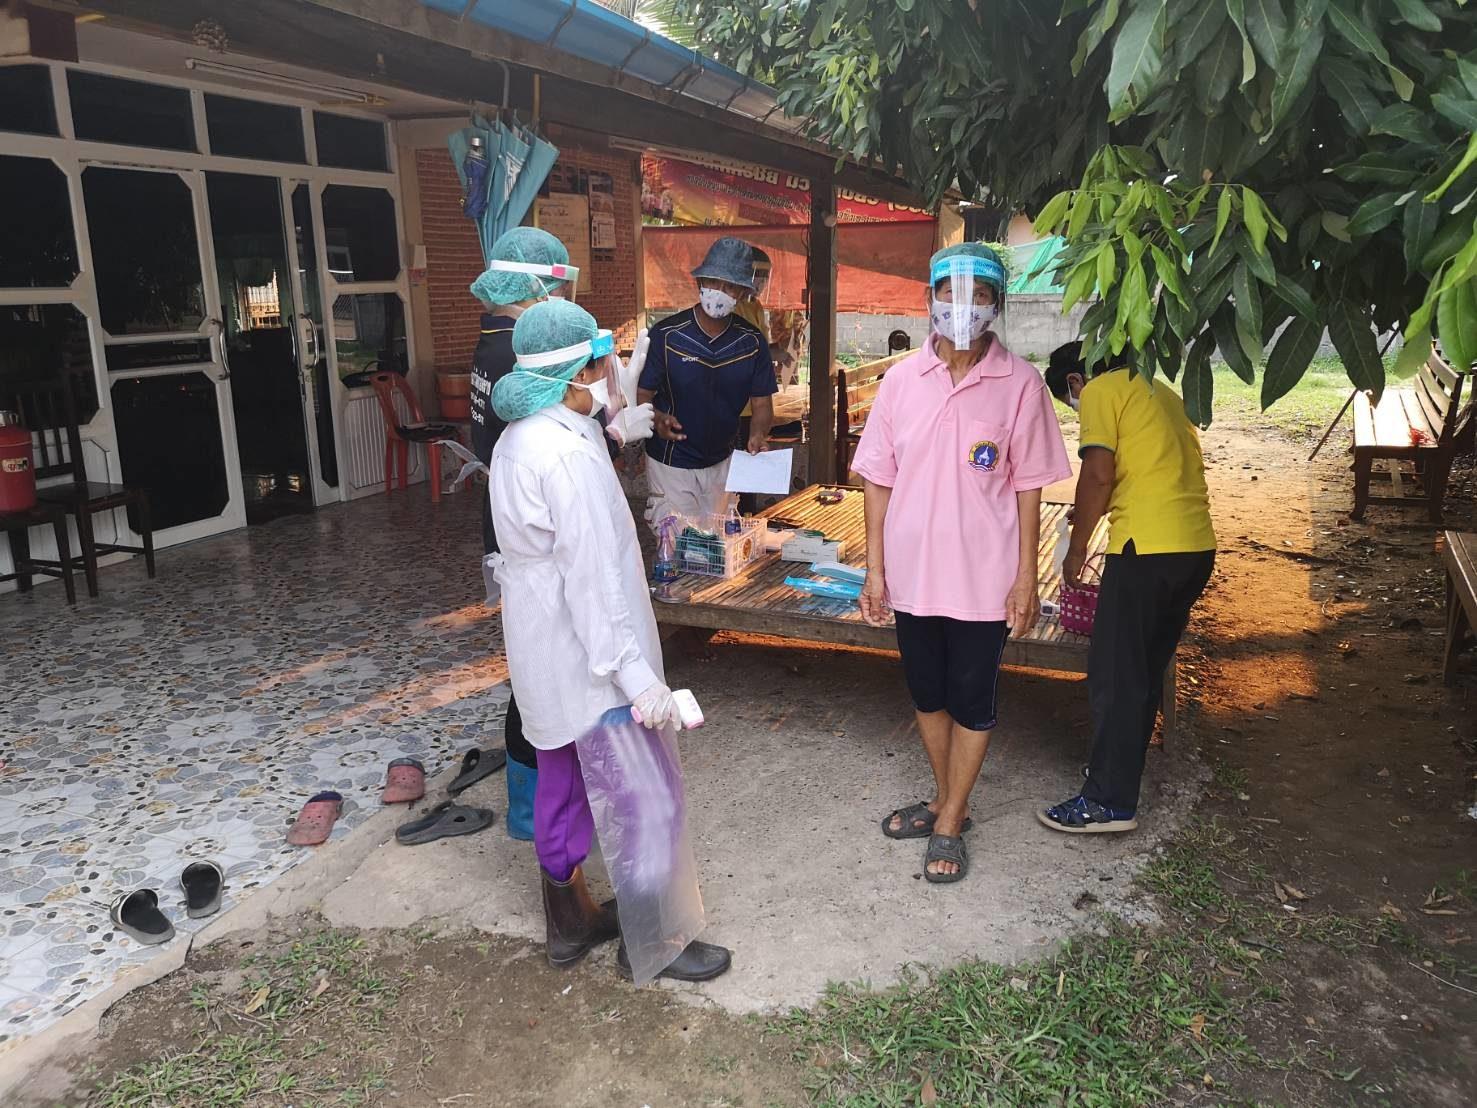 นครพนม วุ่นอีกสั่งกัก 34 ราย เคยไปร่วมงานแต่ง ในหมู่บ้านที่พบผู้ติดเชื้อโควิด